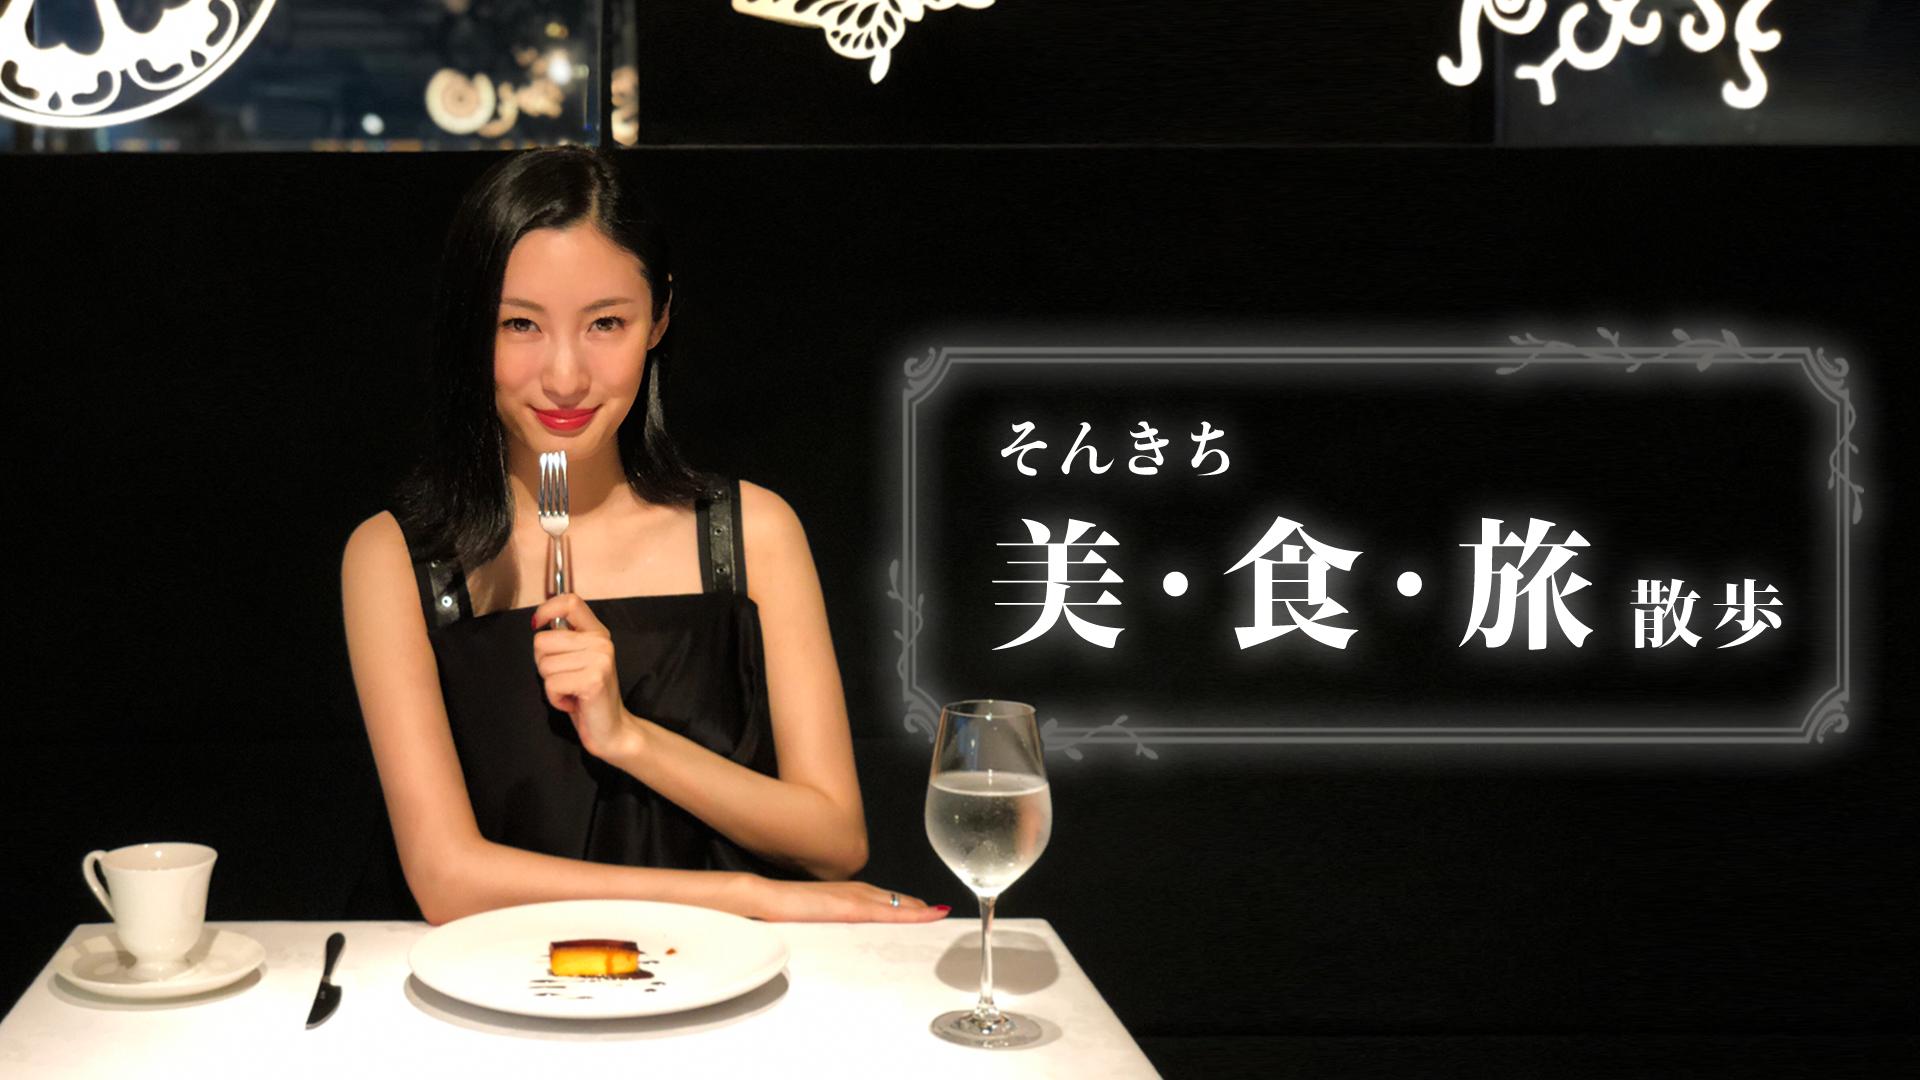 ソンミ - そんきち『美・食・旅』散歩 - DMM オンラインサロン